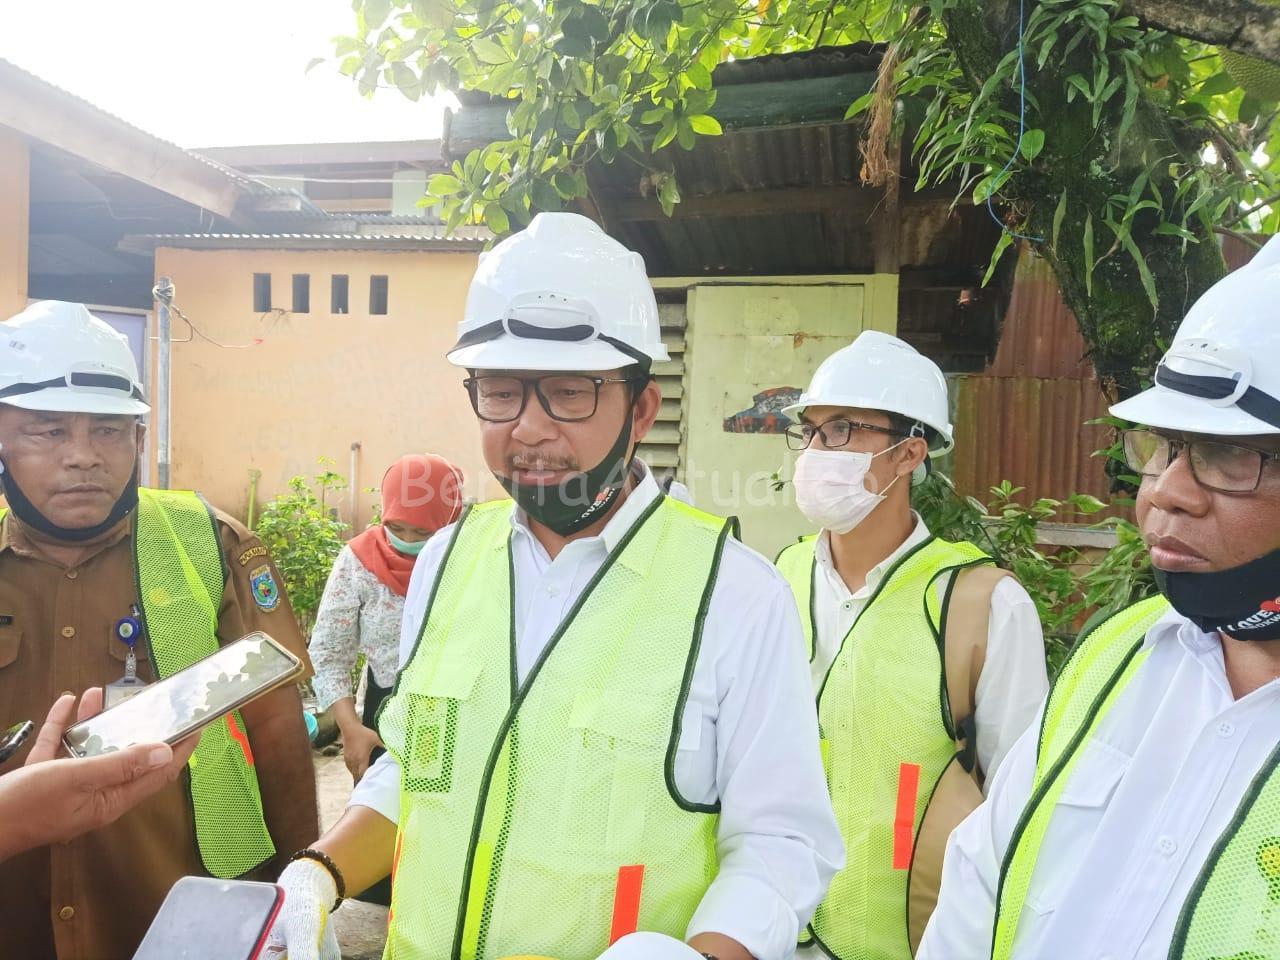 """Program """"KOTAKU"""" Tanpa Kumuh Papua Barat Akan Dilaksanakan di 3 Daerah Ini 4 IMG 20200714 WA0048"""